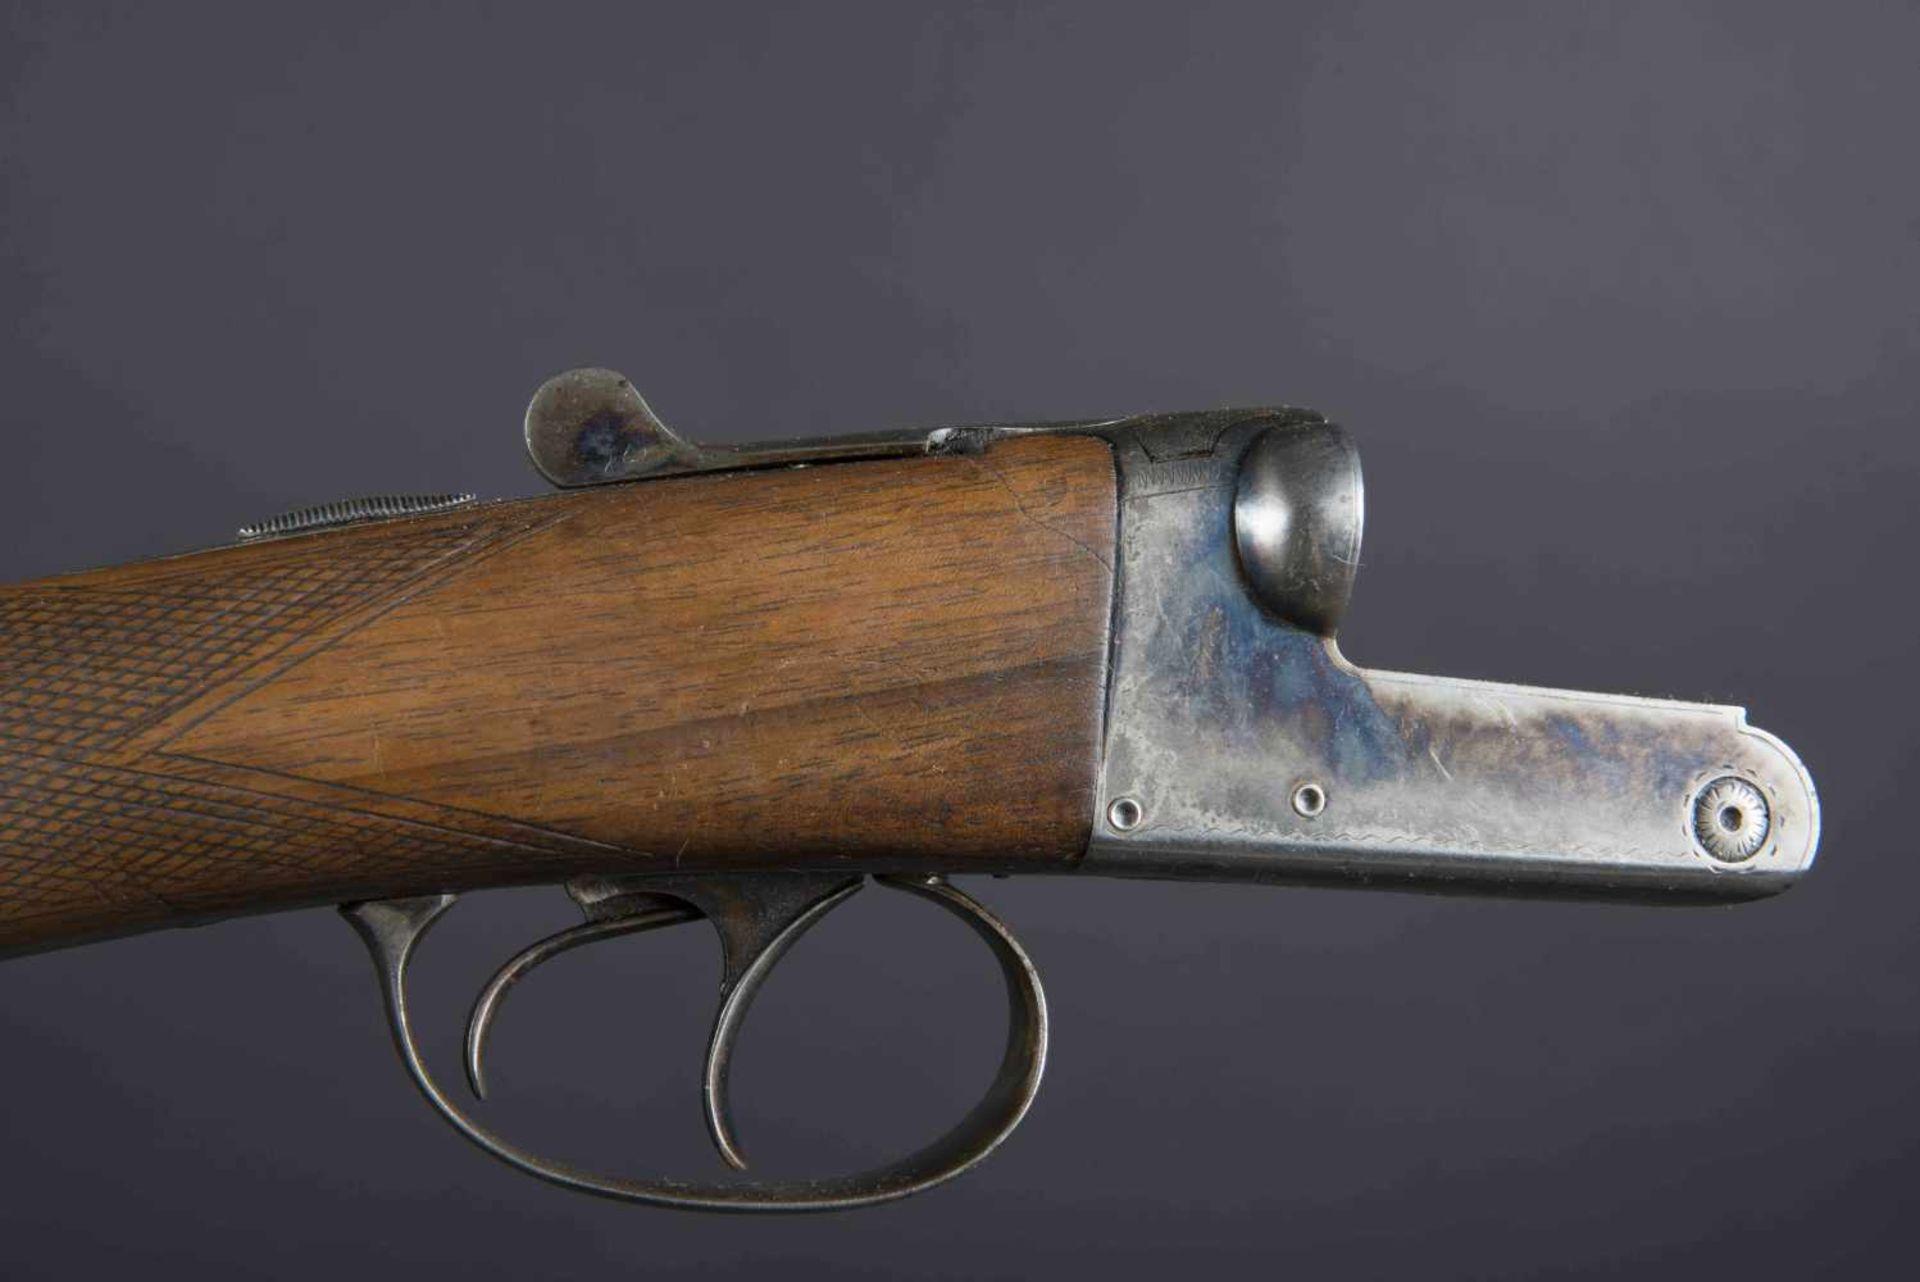 Fusil de chasse Costo Catégorie C Calibre 16 rayé, numéro 206939. On y joint une housse de transport - Bild 2 aus 3